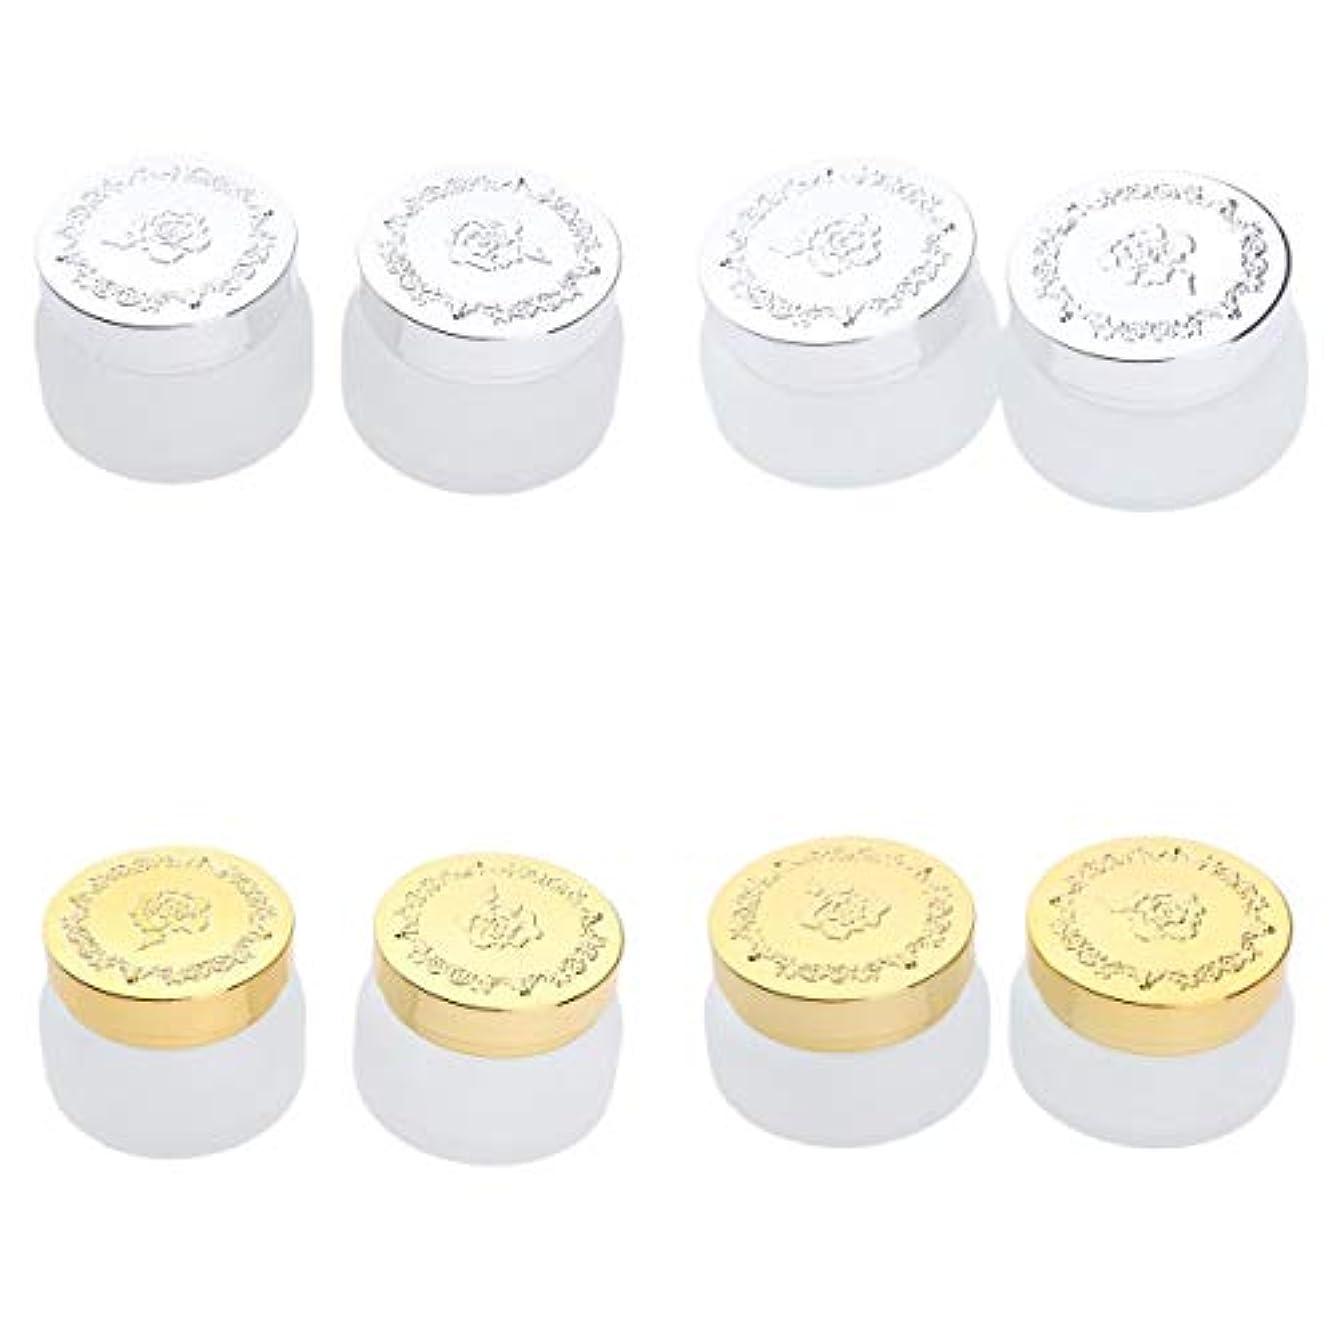 瞑想的クローゼットミュージカルT TOOYFUL クリーム容器 ボトル クリームジャー ハンドクリーム アロマクリーム 保存 詰替え容器 8個セット